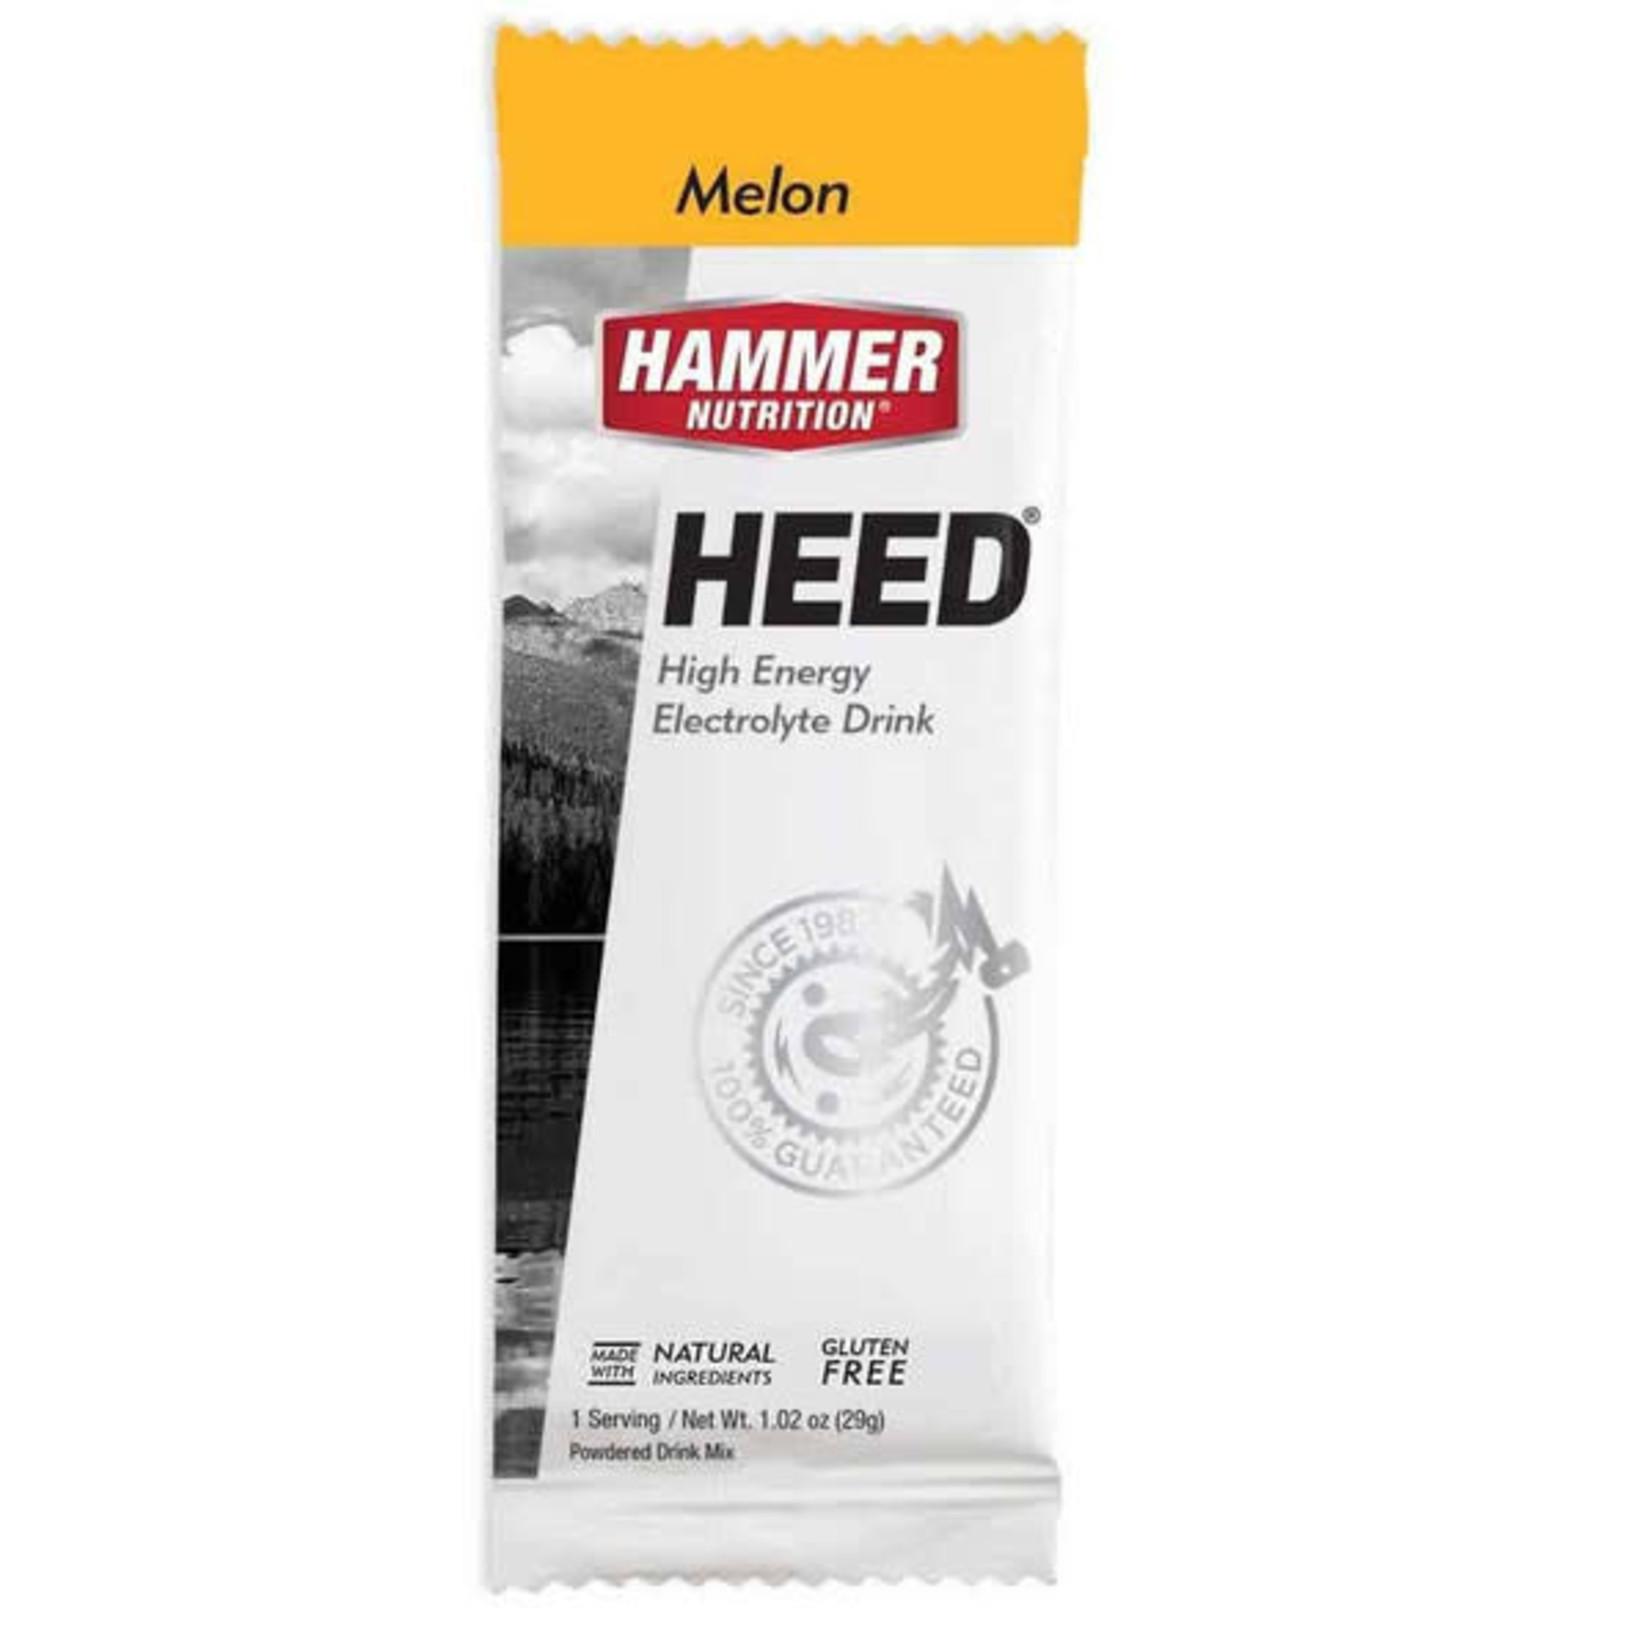 Hammer Nutrition Hammer HEED 1 Serving Packet